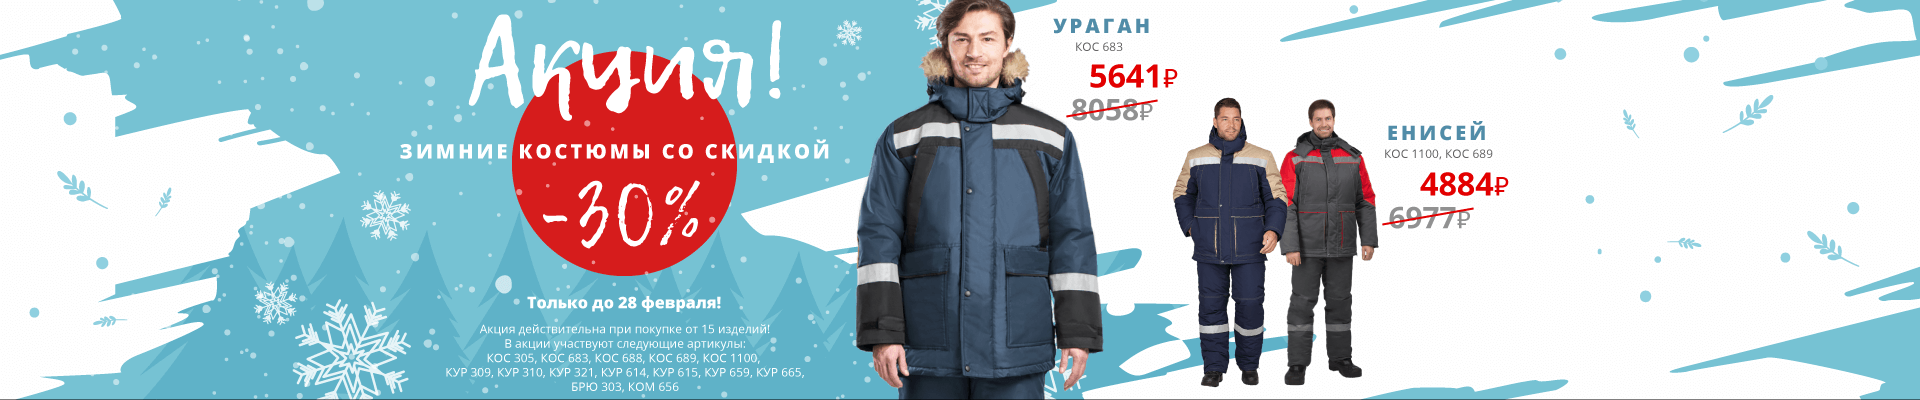 Зима_скидки_верх_1920х400-2.png